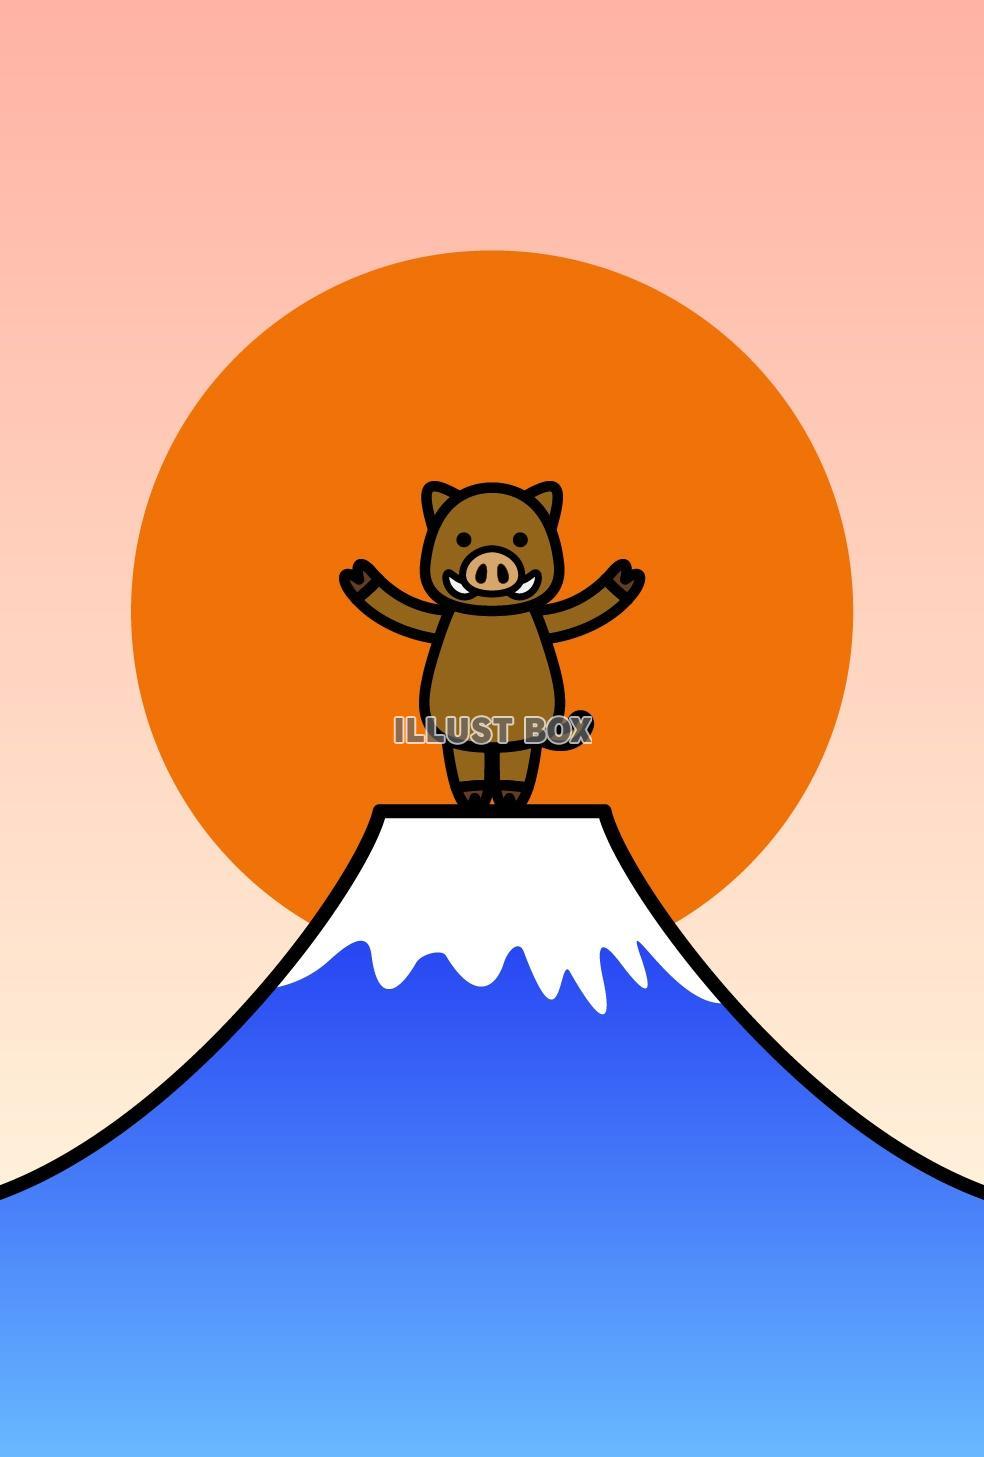 無料イラスト 2019年亥年年賀状のイラスト イノシシと富士山2